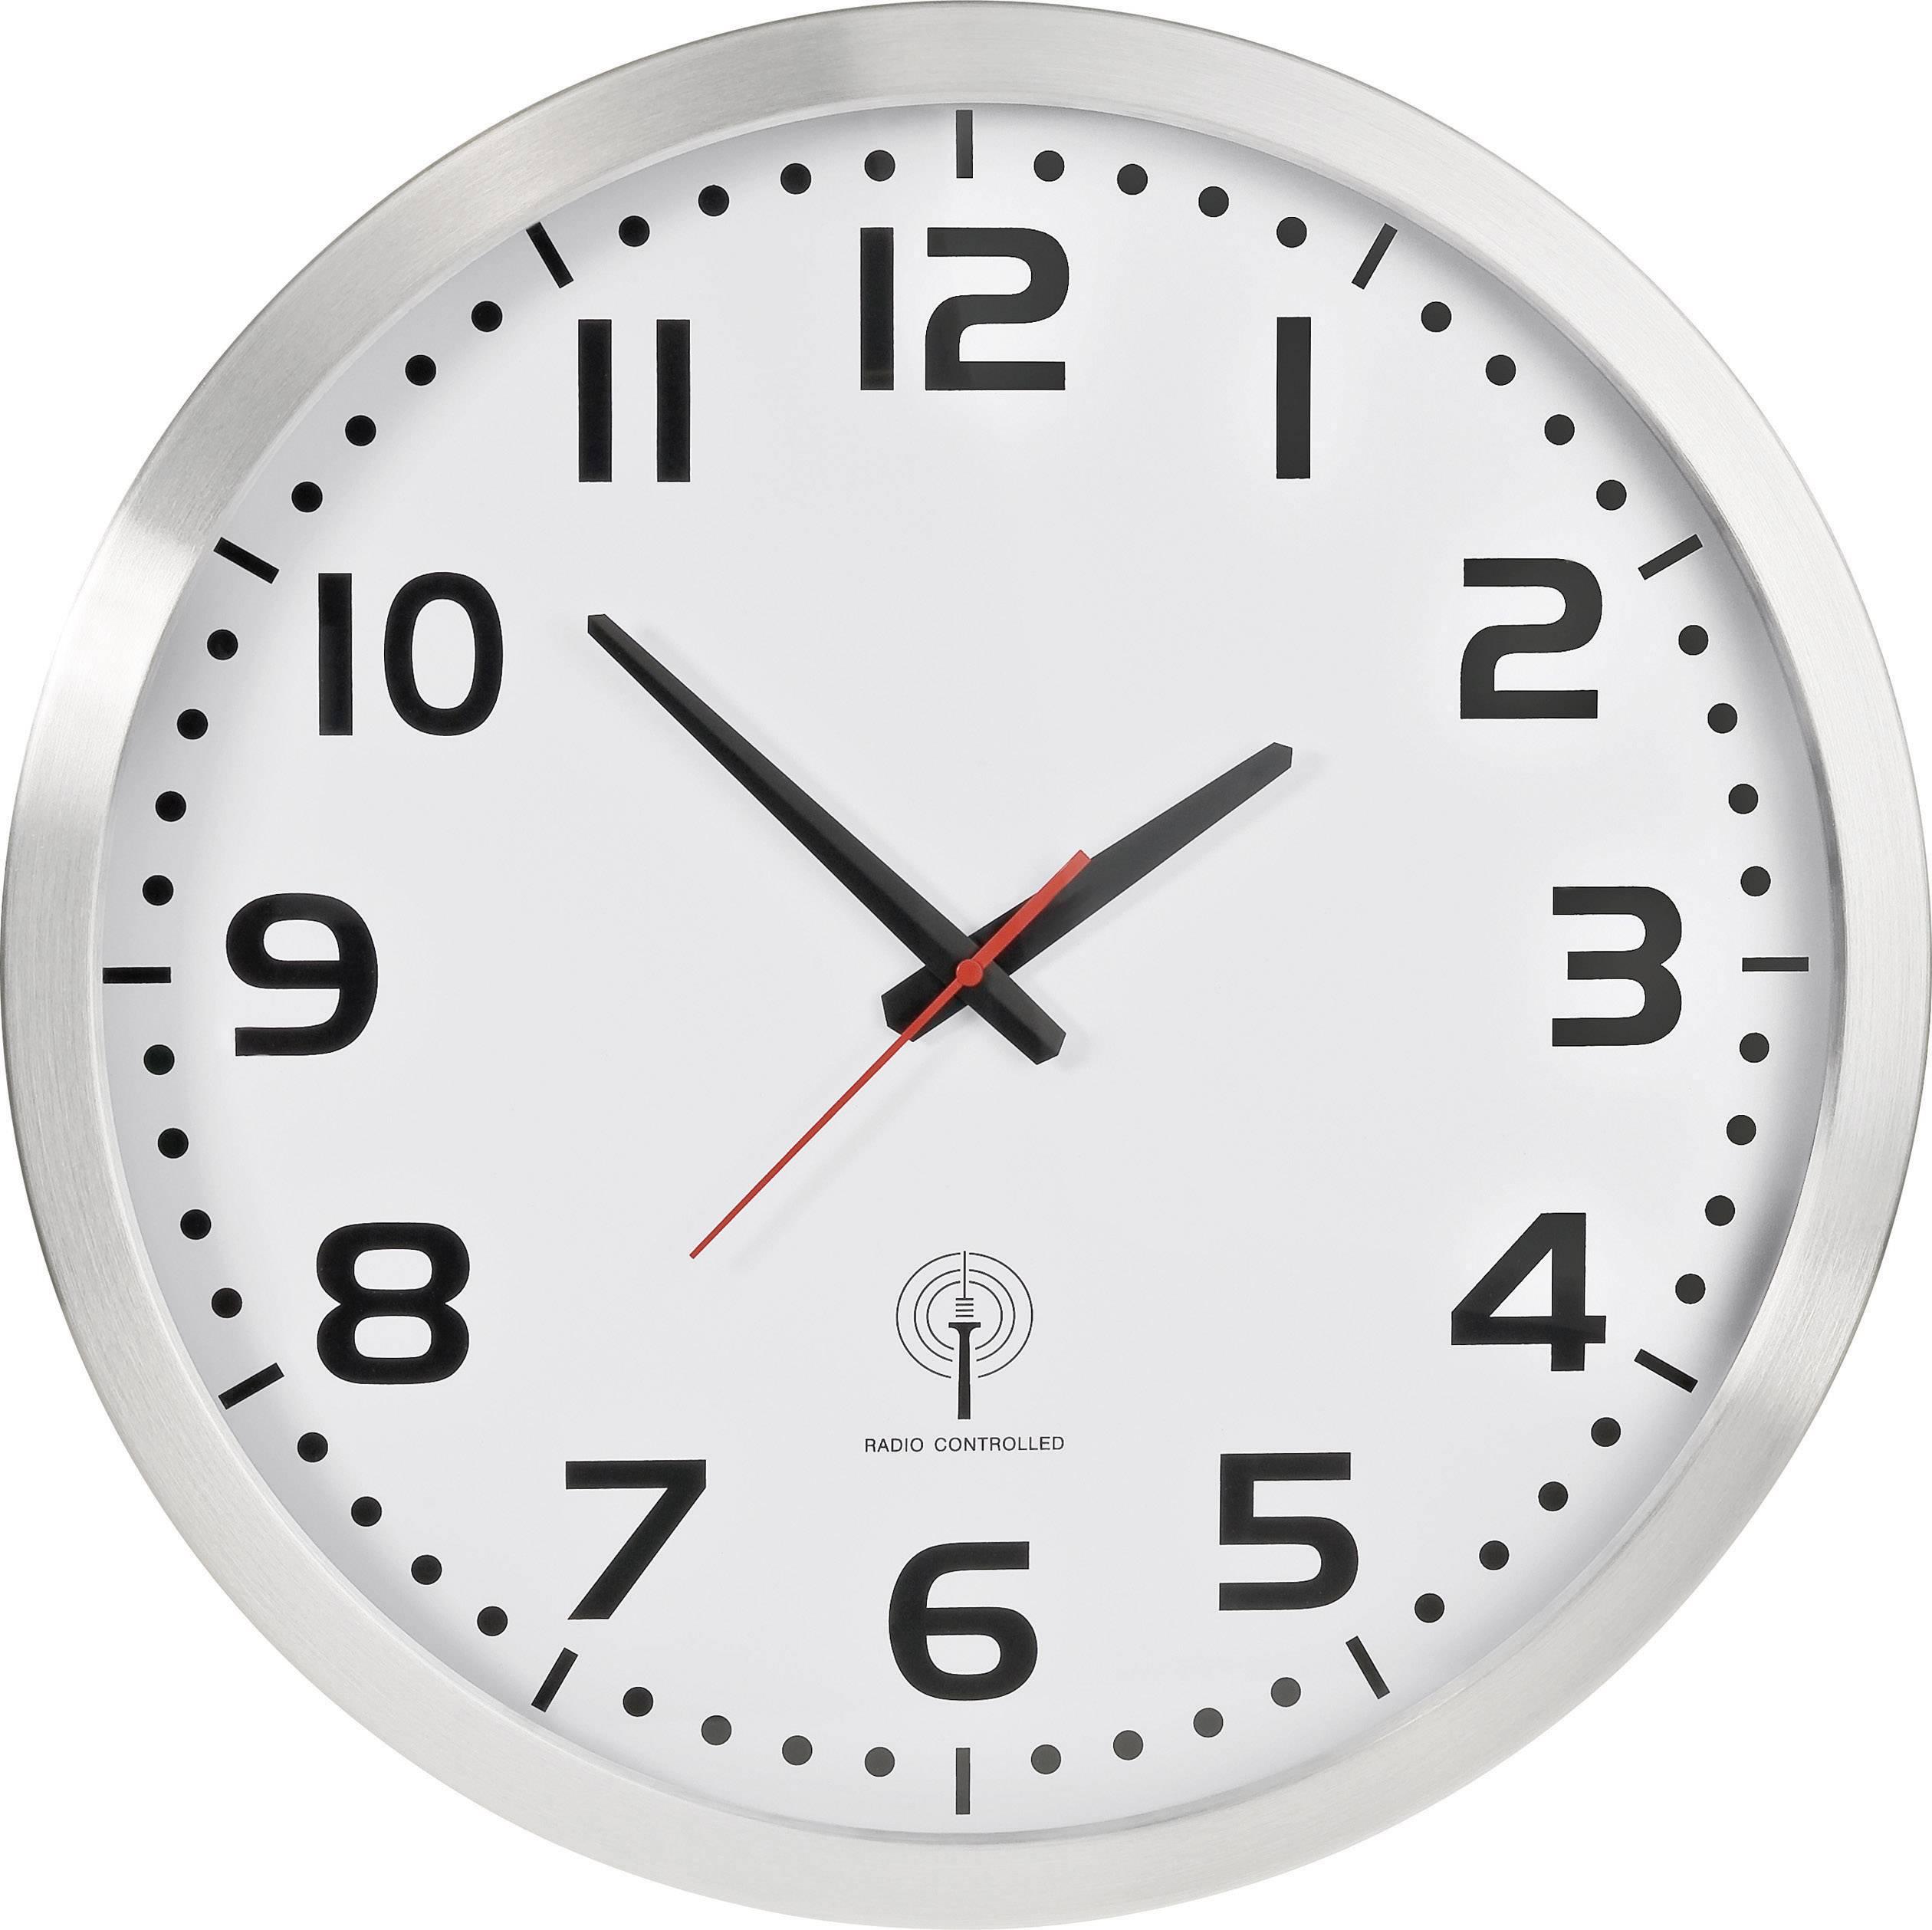 Analogové nástěnné DCF hodiny,50 cm, hliník